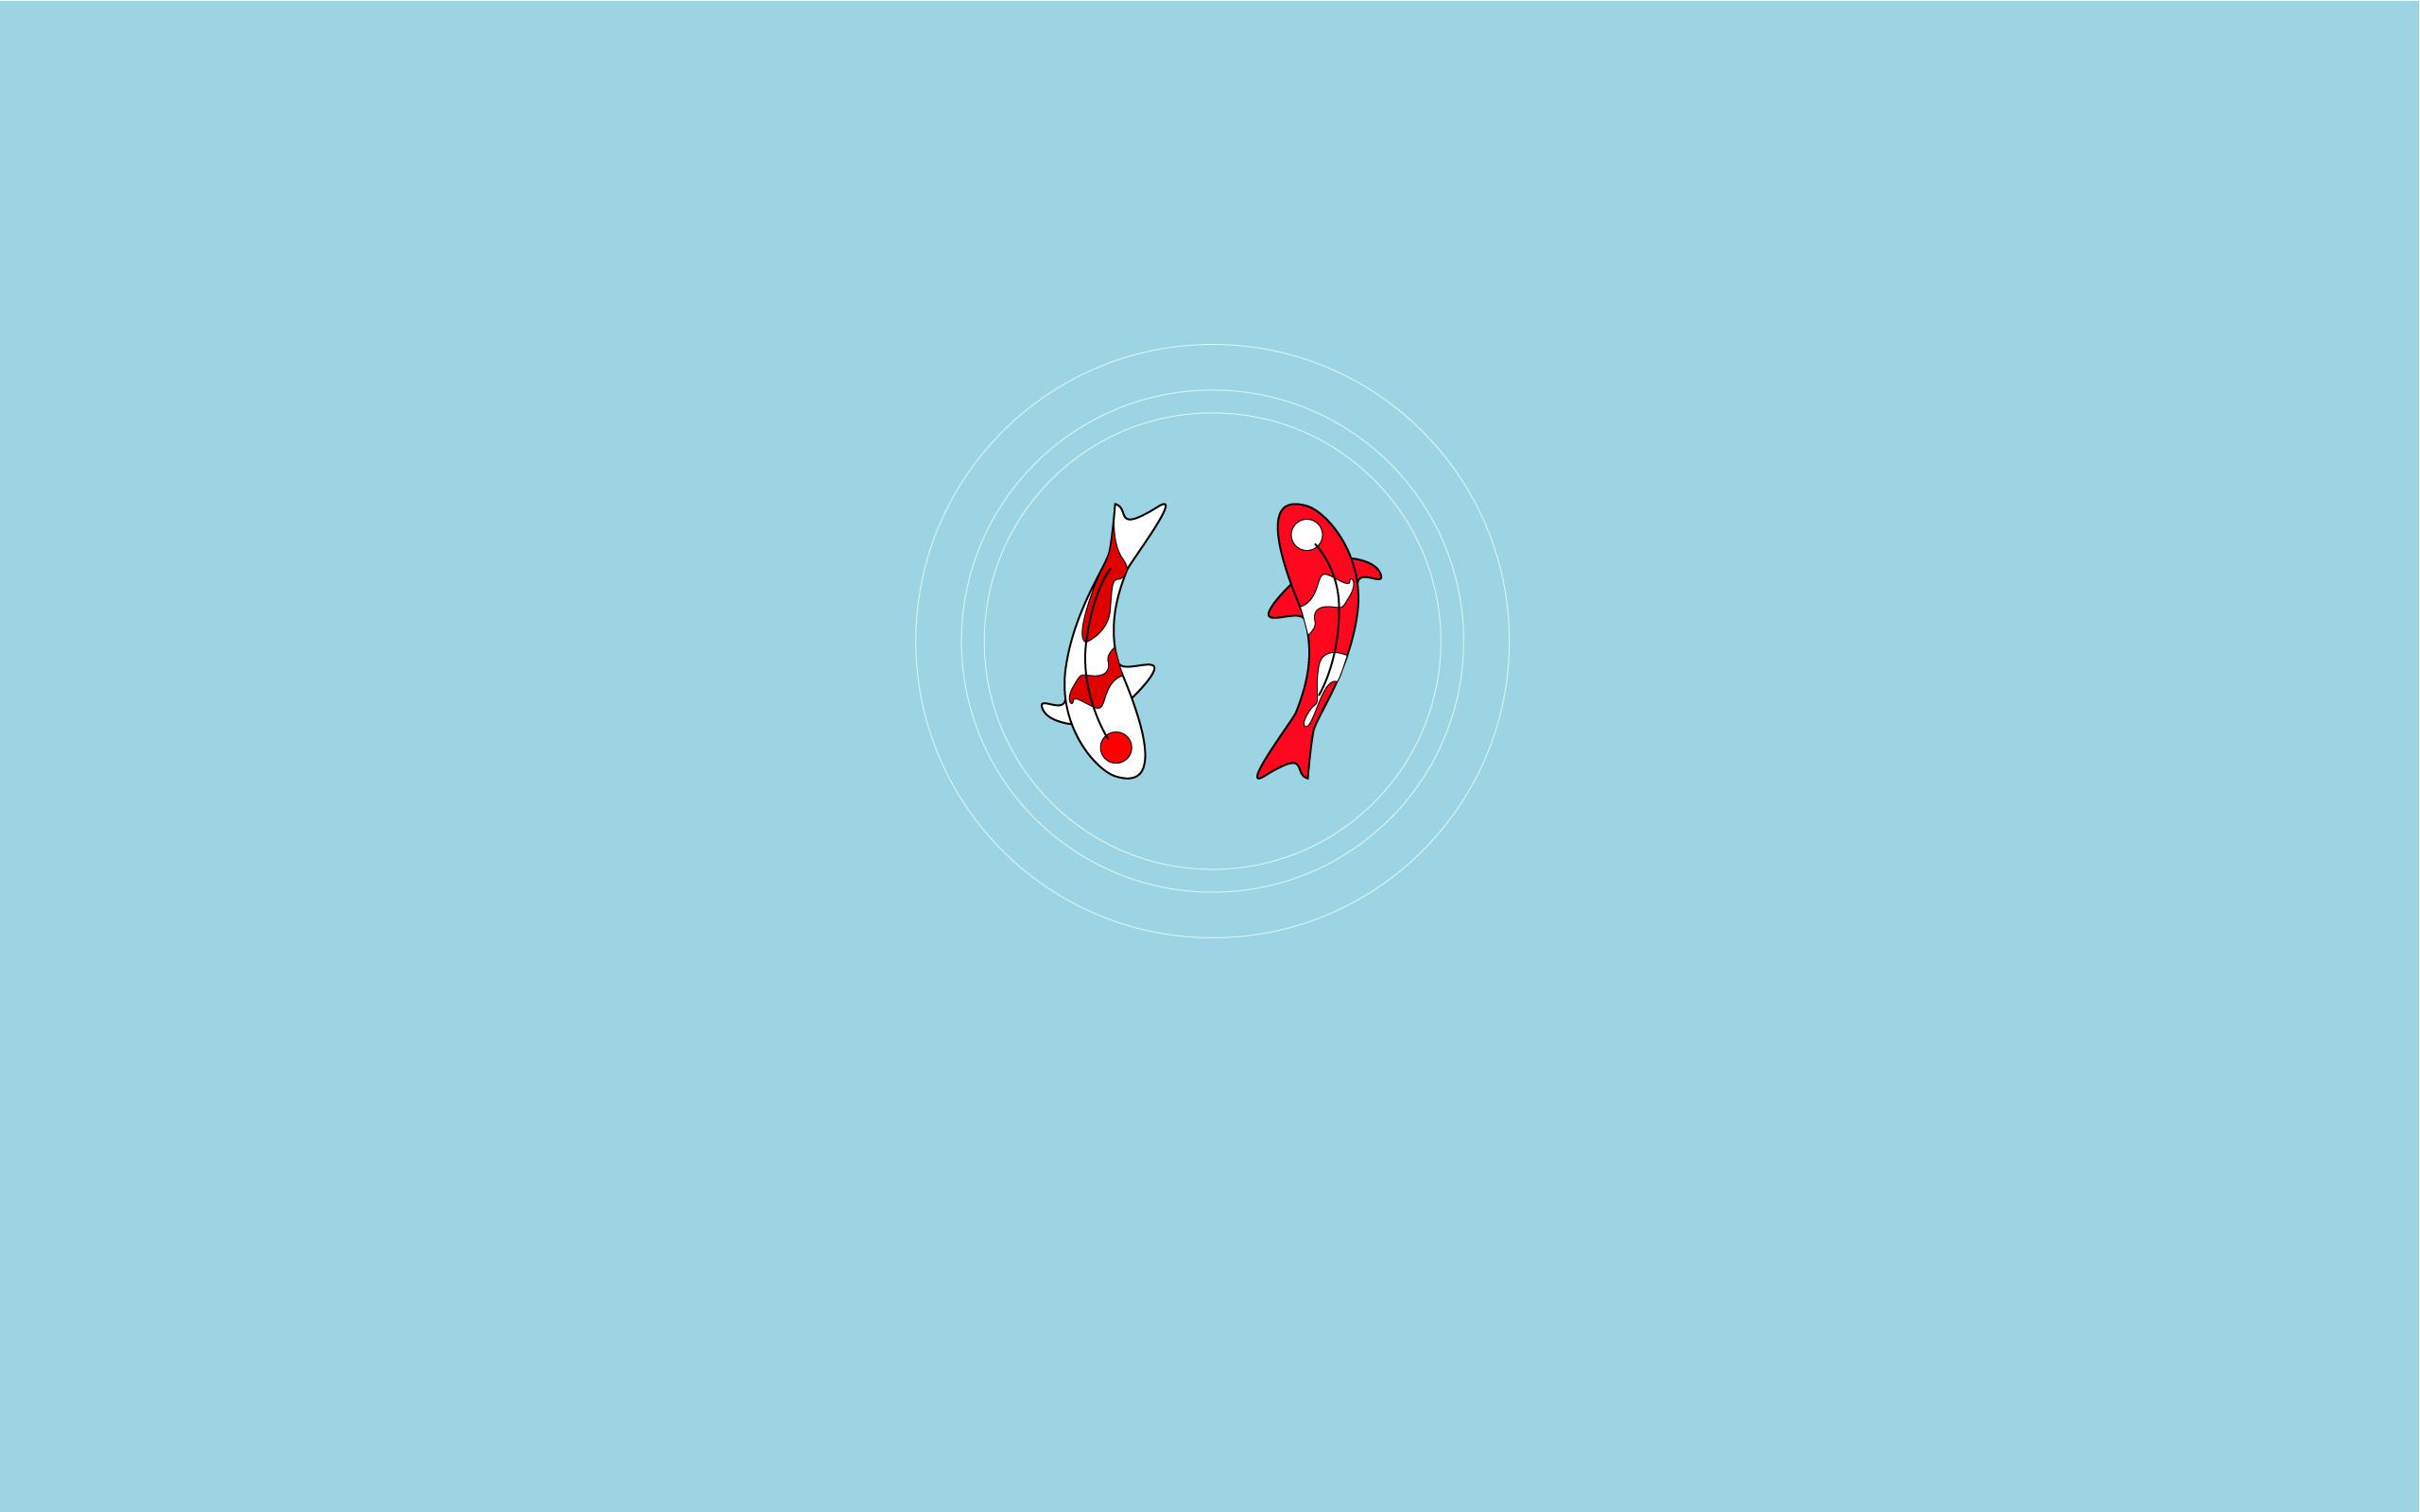 Minimalist Desktop Wallpaper 88 Images